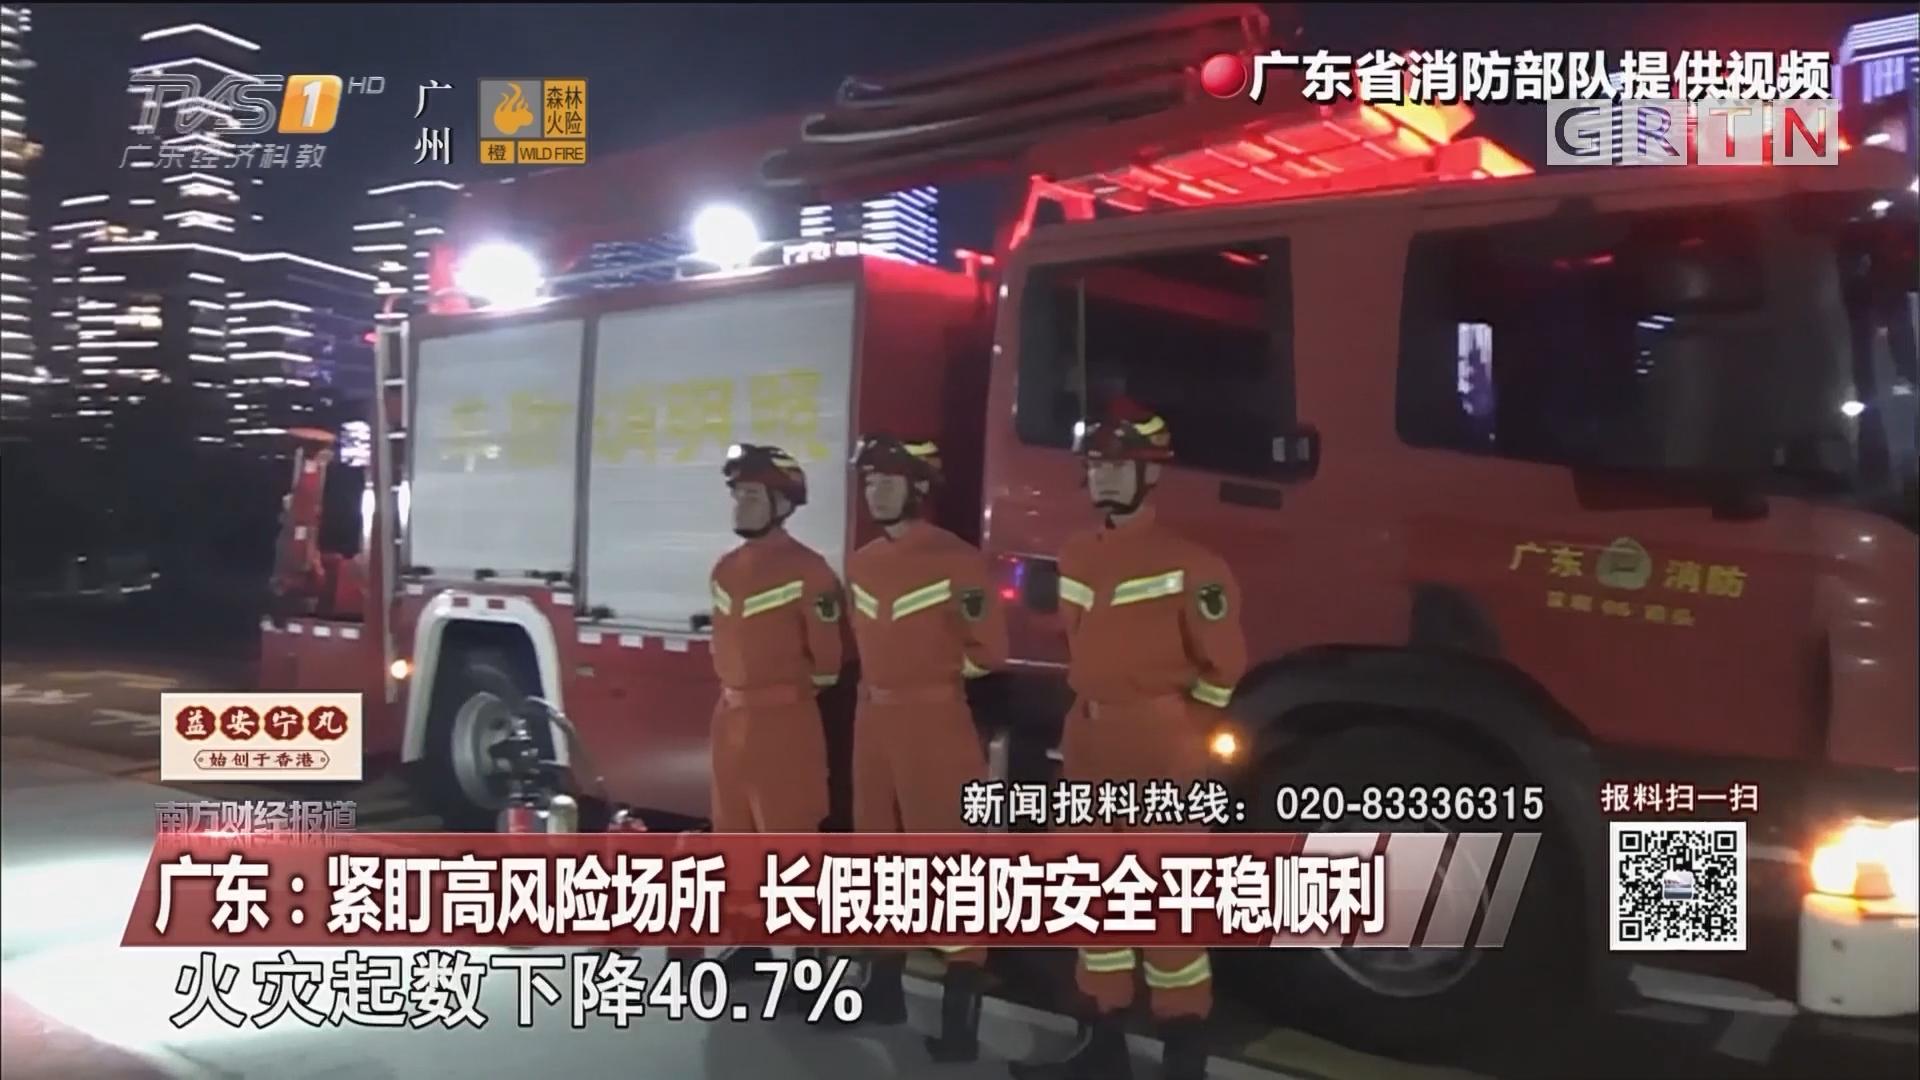 广东:紧盯高风险场所 长假期消防安全平稳顺利